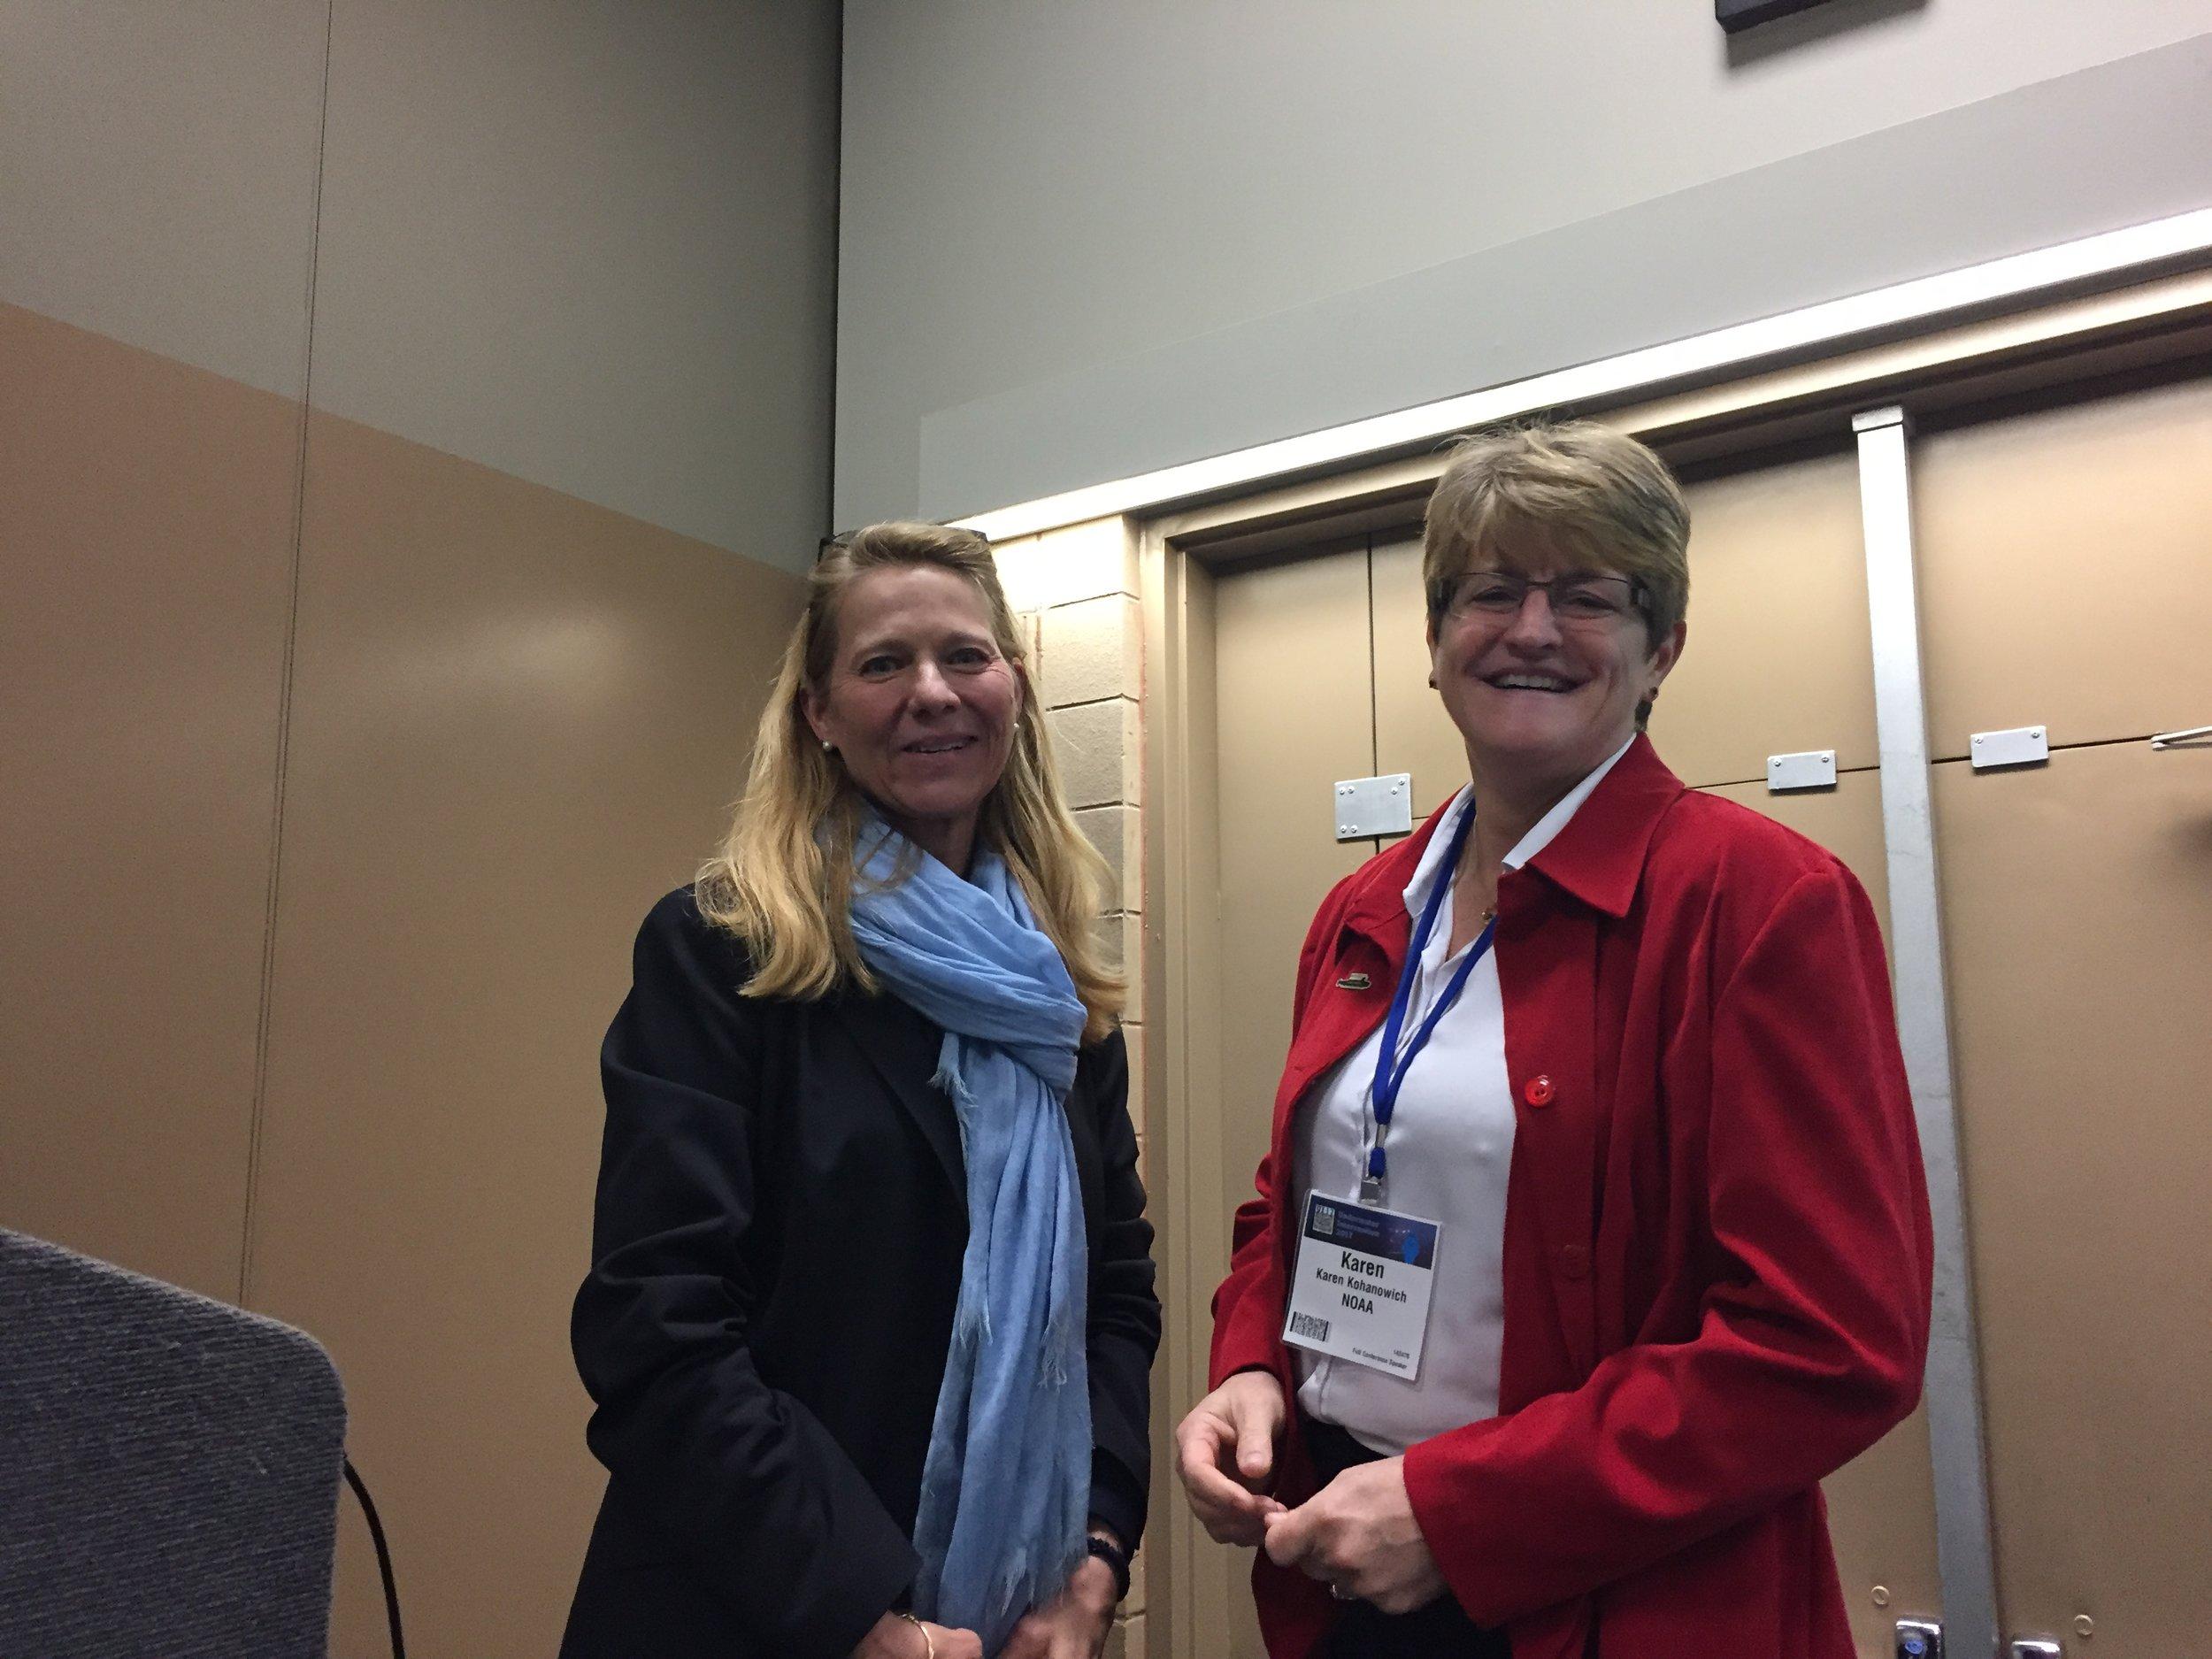 Colleen Hahn, Gryphon Media Strategies & Karen Kohanowich, NOAA